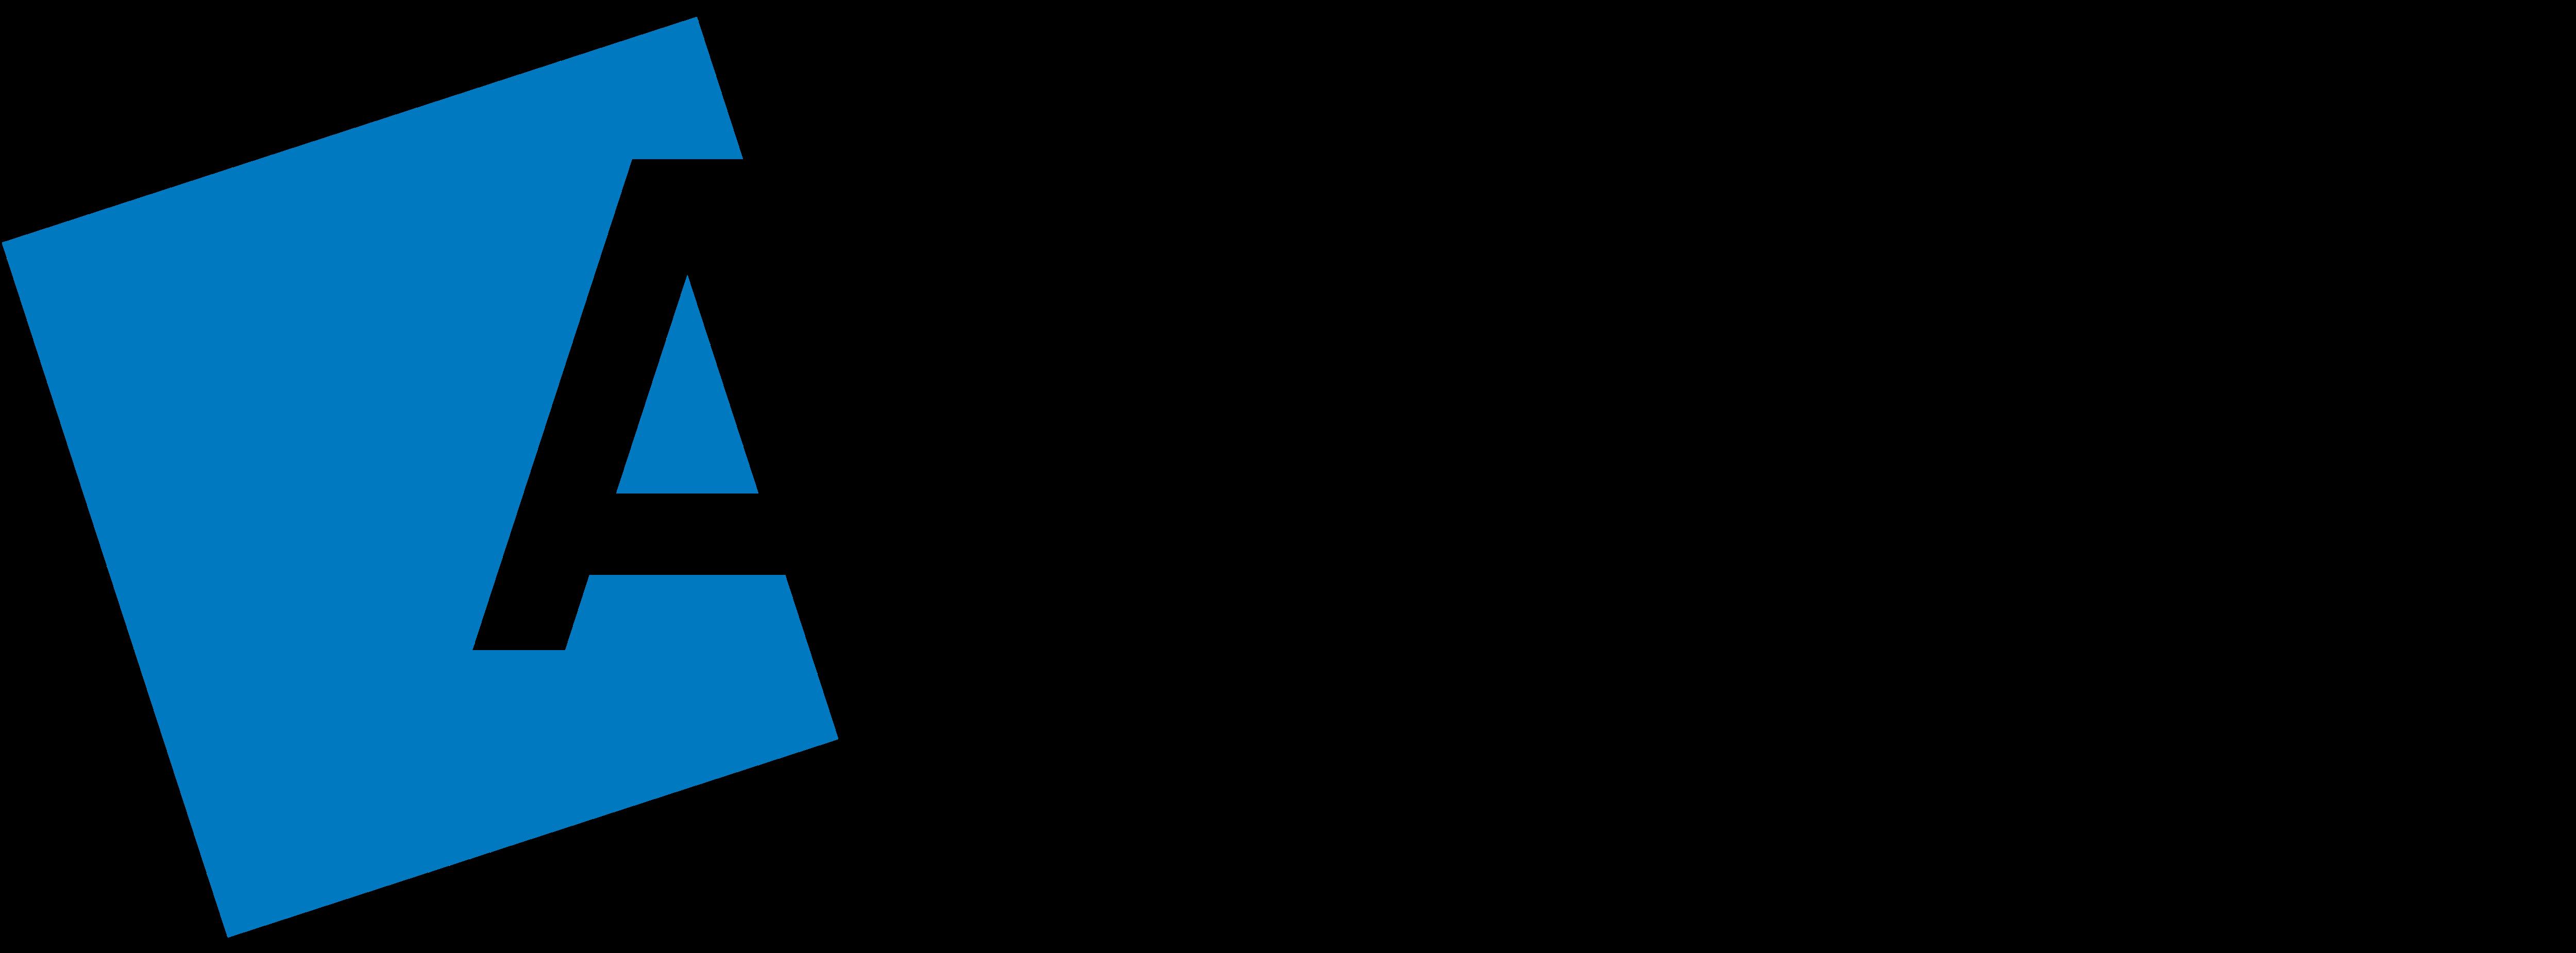 Aegon Logos Download